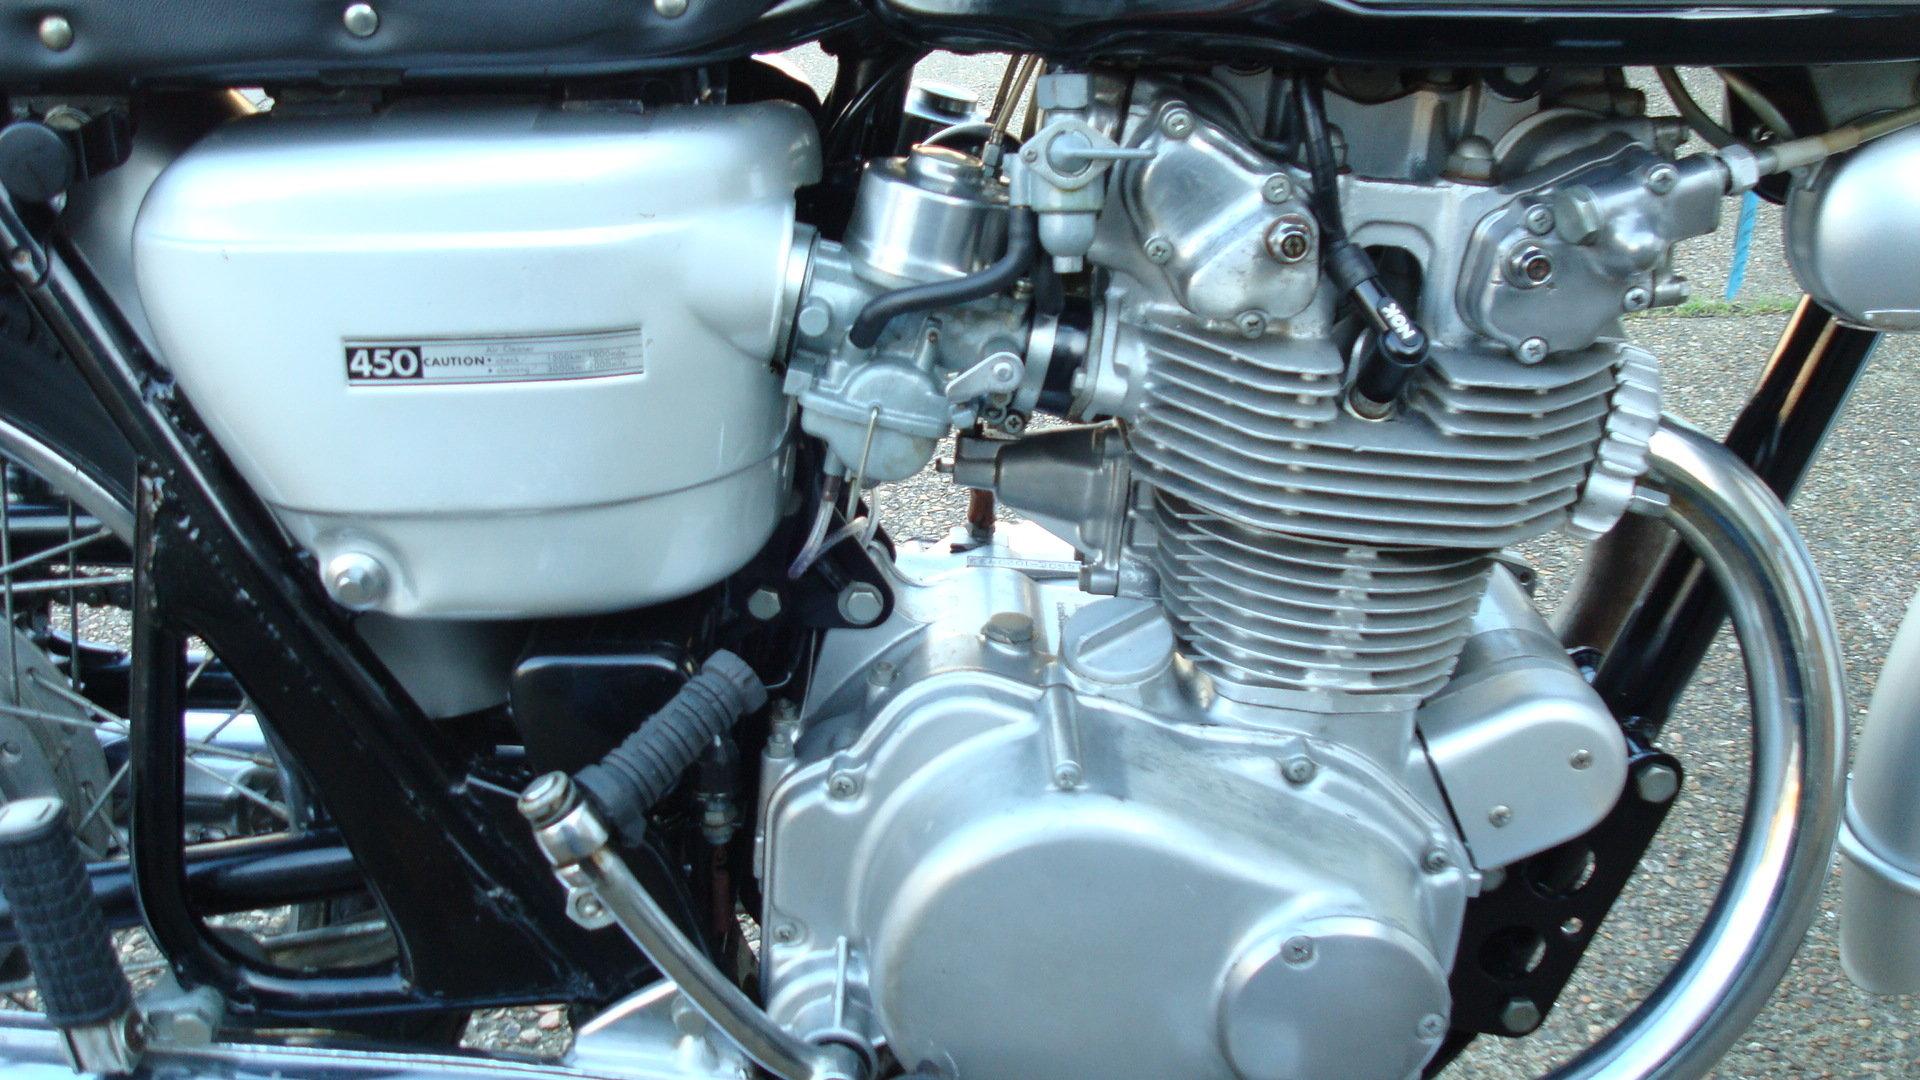 1968 Honda CB 450 K0 BLACK BOMBER 1969-G *UN-RESTORED* For Sale (picture 3 of 6)